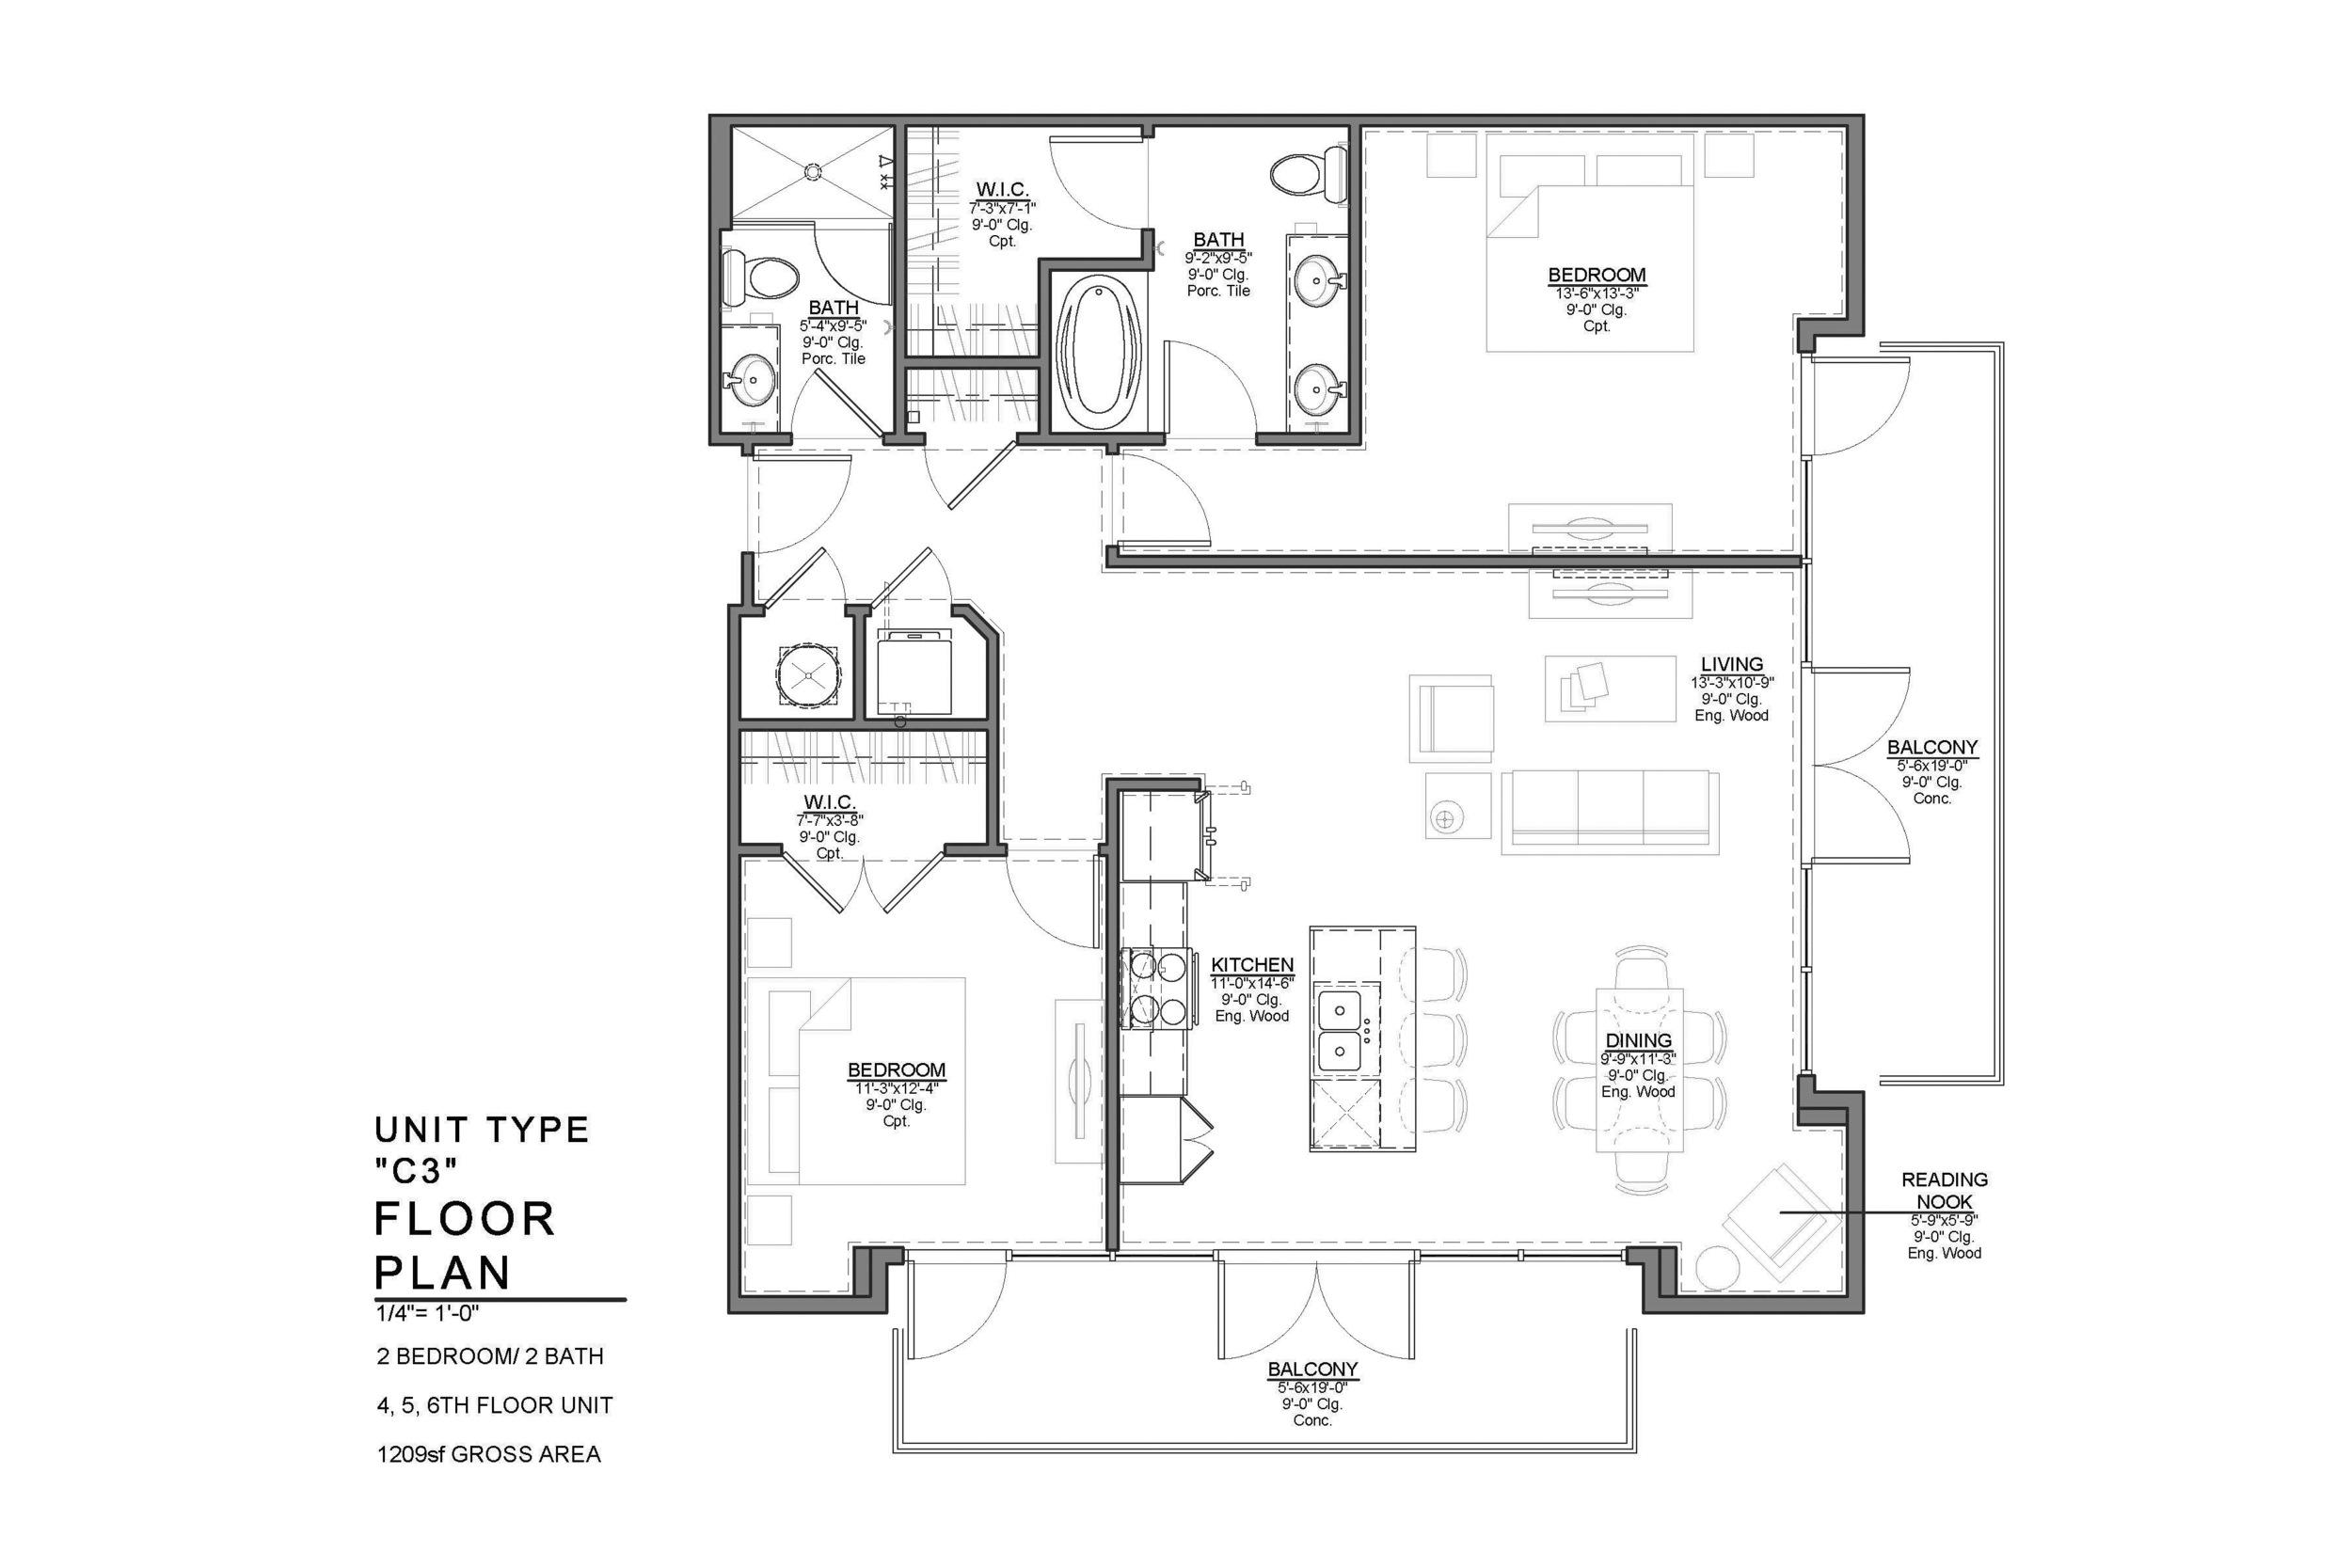 C3 FLOOR PLAN: 2 BEDROOM / 2 BATH